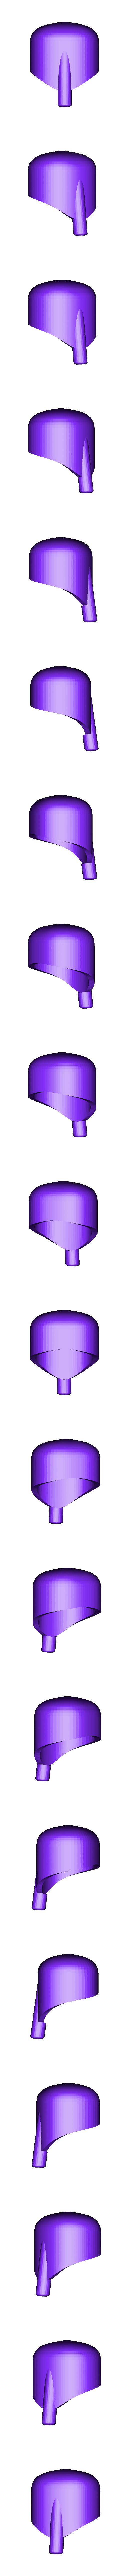 thimble4.stl Télécharger fichier STL gratuit Kara Kesh (arme de poing goa'uld) • Plan pour imprimante 3D, poblocki1982